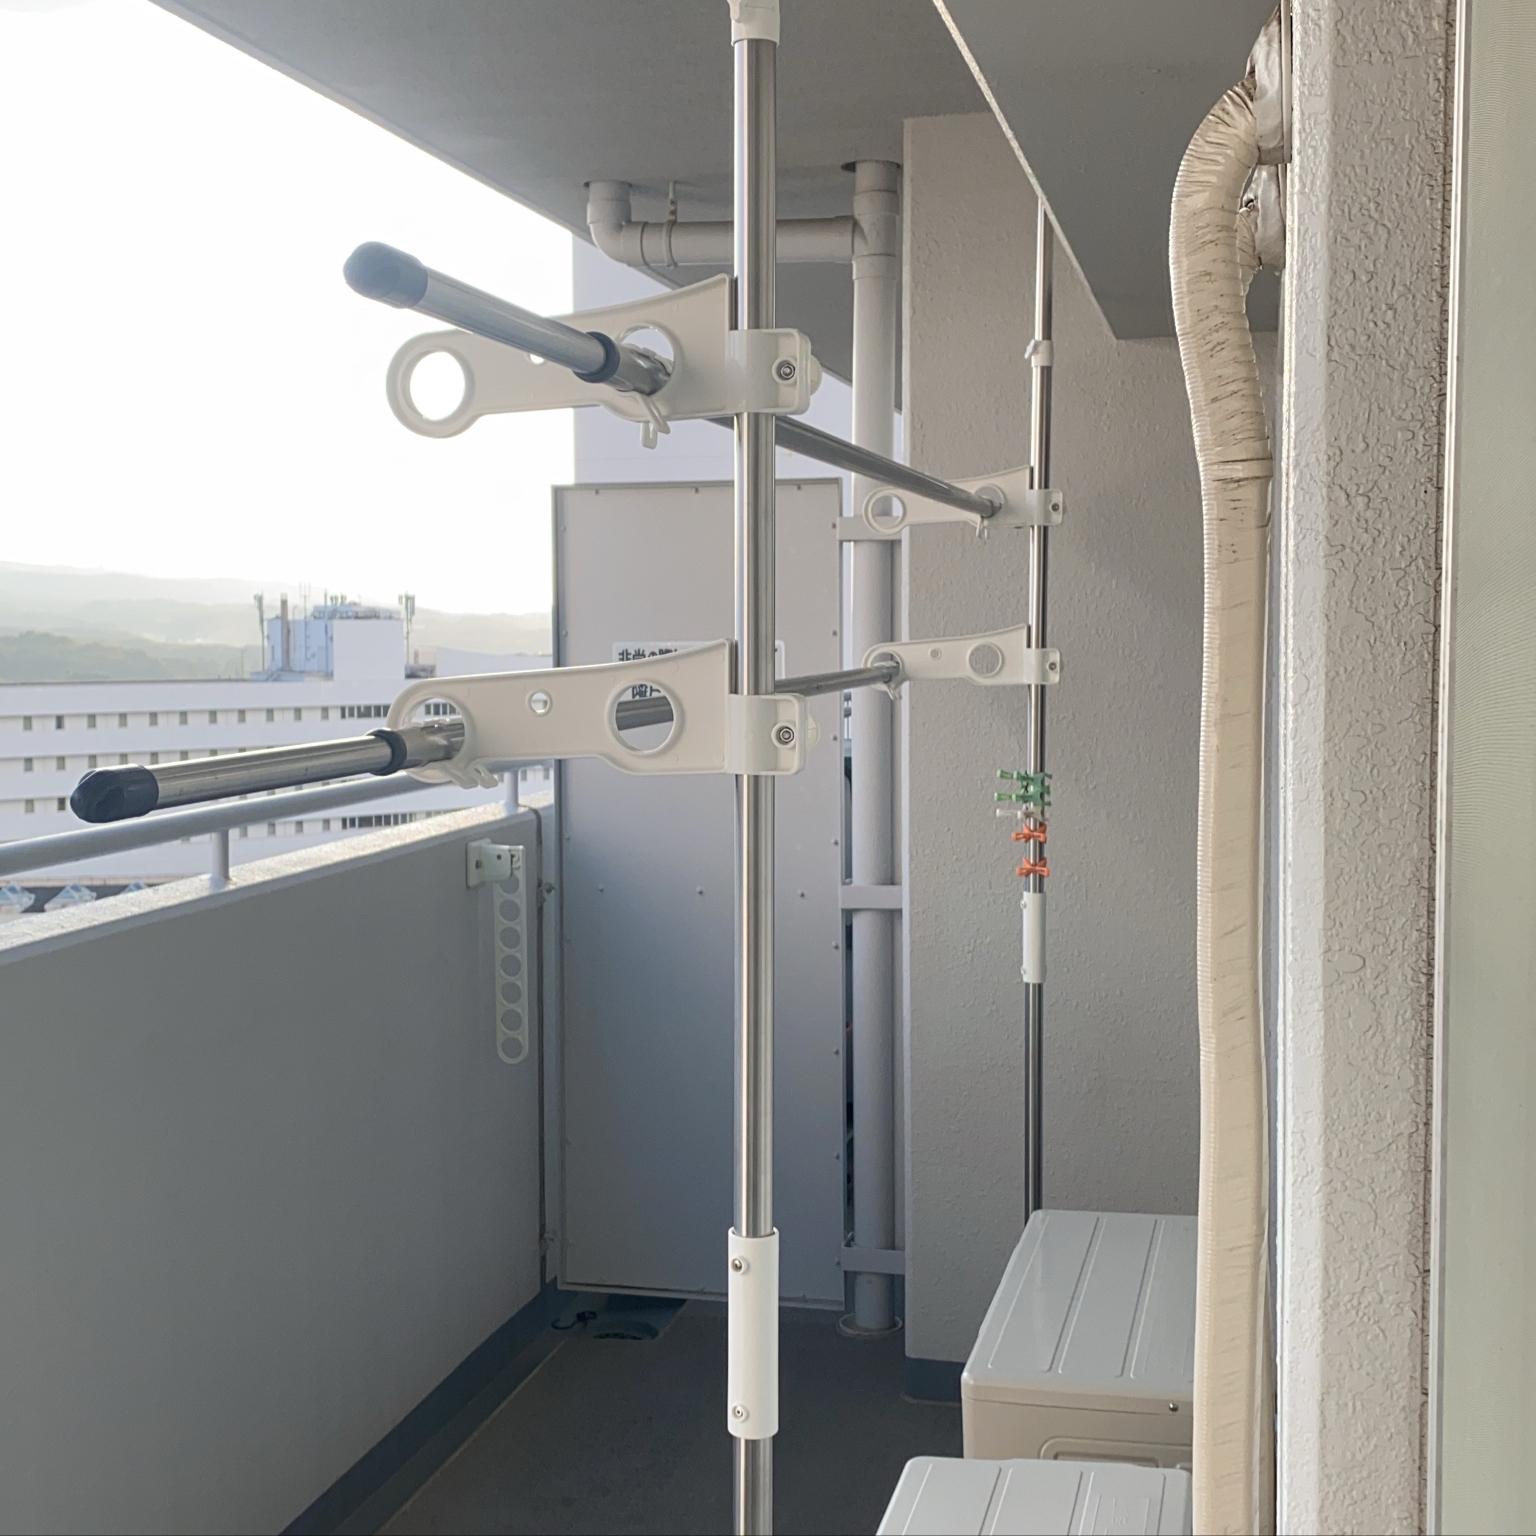 壁/天井のインテリア実例 - 2021-09-21 03:37:42